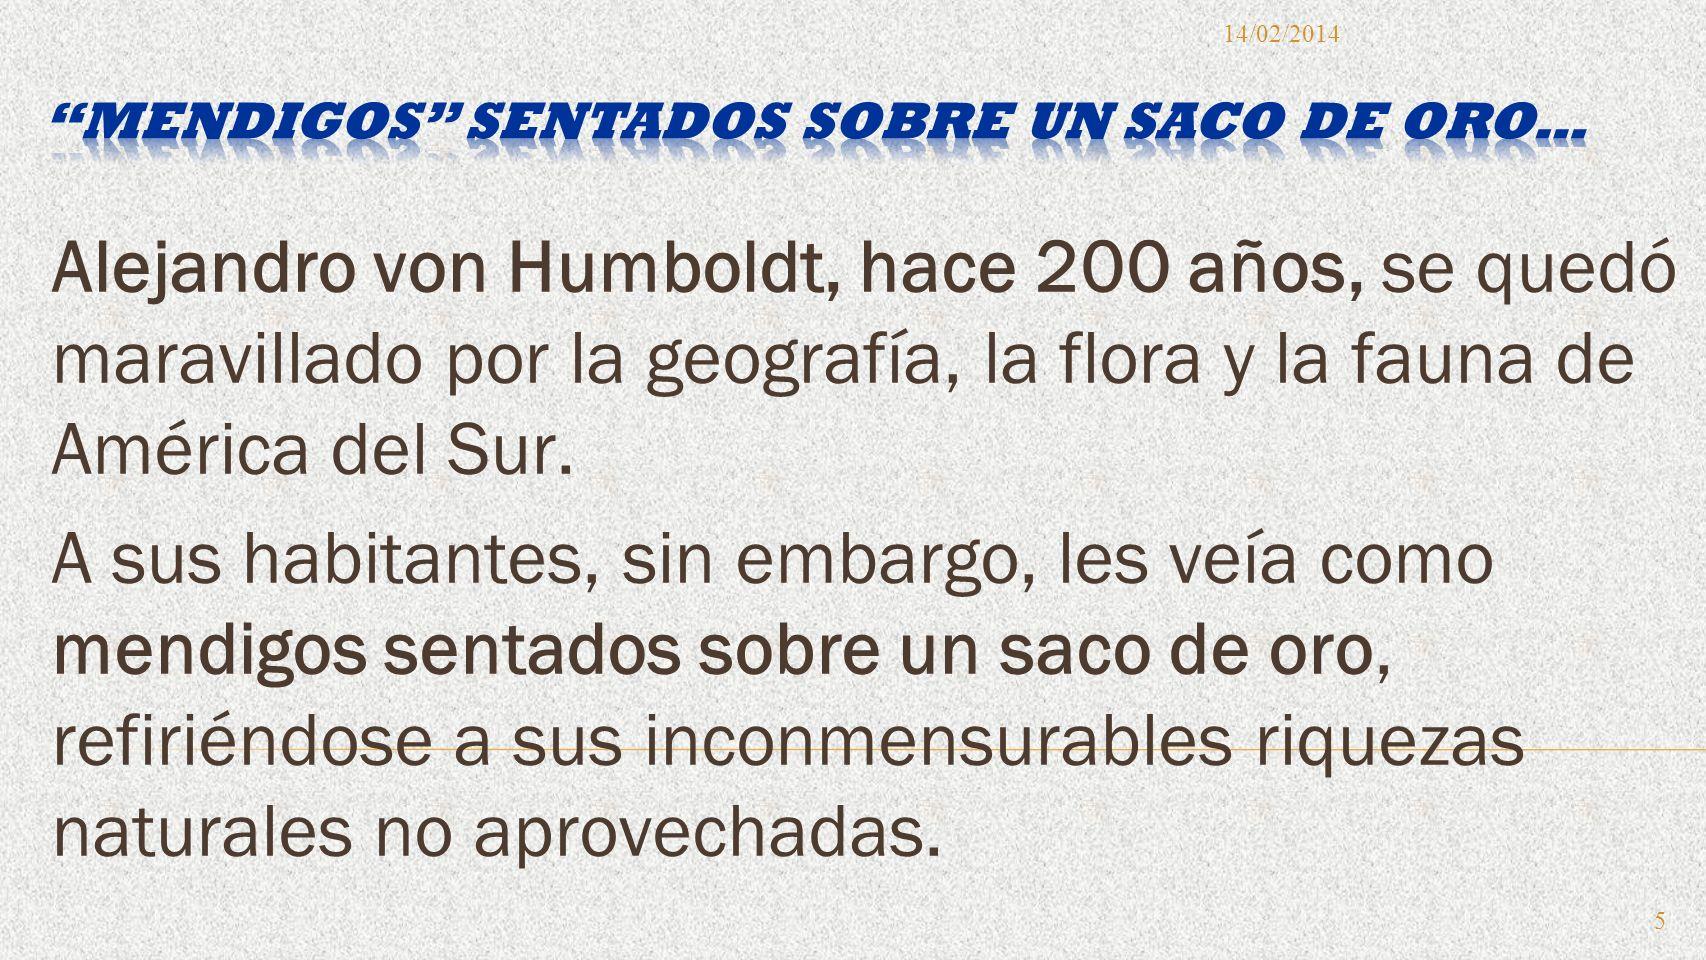 Alejandro von Humboldt, hace 200 años, se quedó maravillado por la geografía, la flora y la fauna de América del Sur.